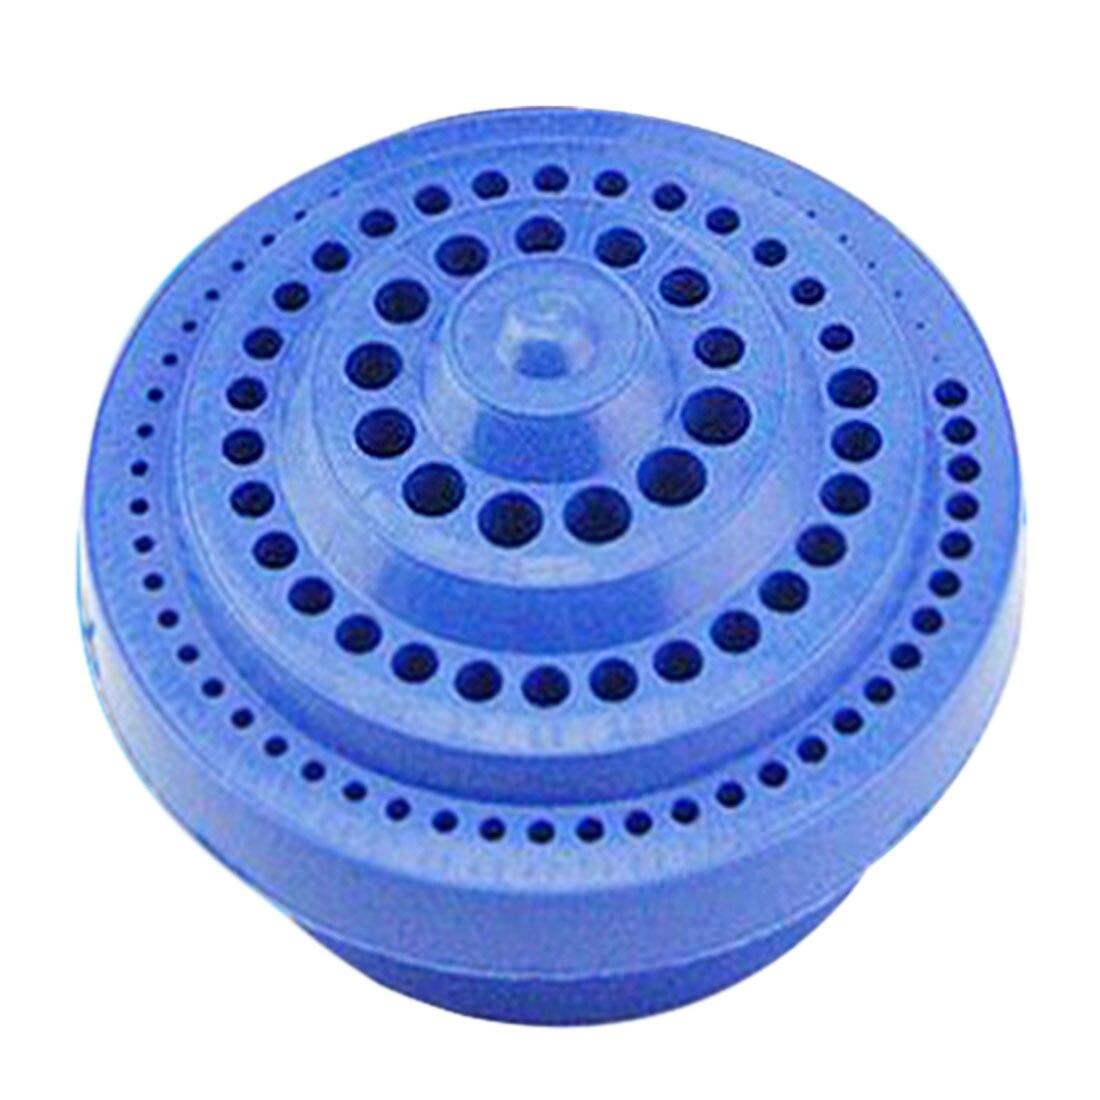 1 pcs Forme Ronde En Plastique Dur 100 pcs 1-13mm Foret De Stockage Cas Bleu